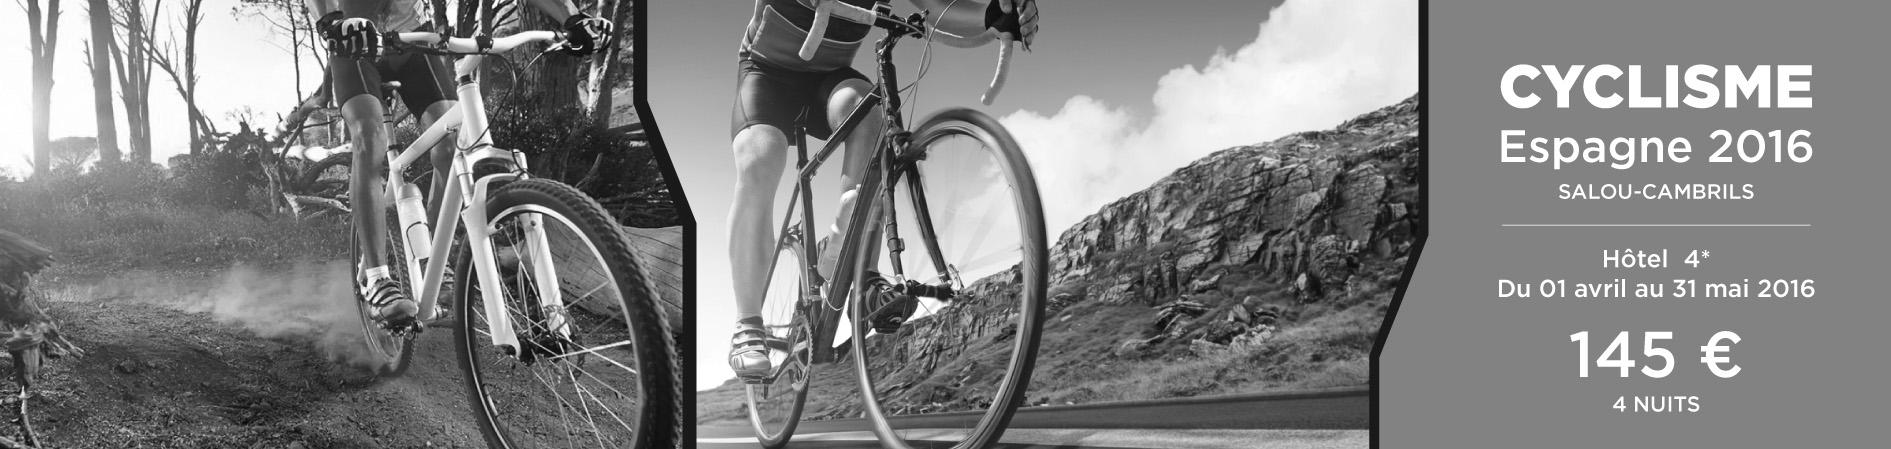 cyclismeEspagne2016-BN